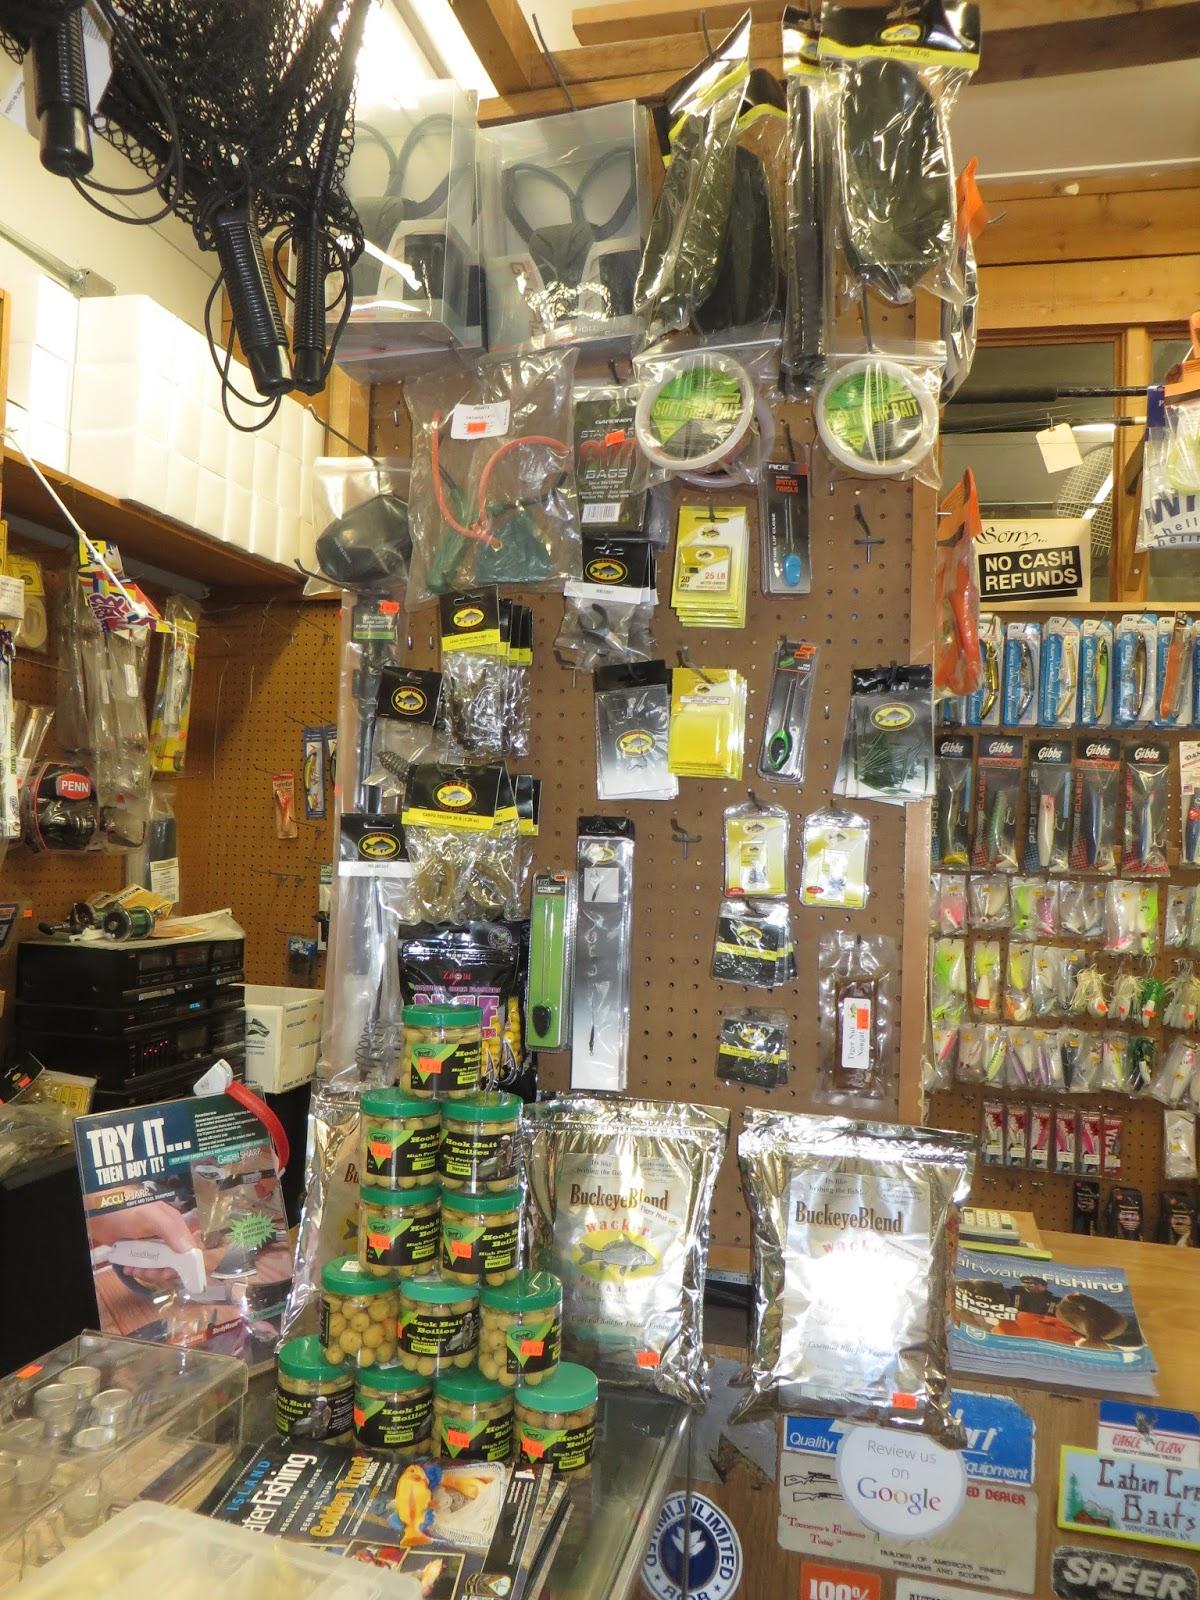 Rhode Island Carp Fishing: RI's Carp Gear Tackle Shop ...